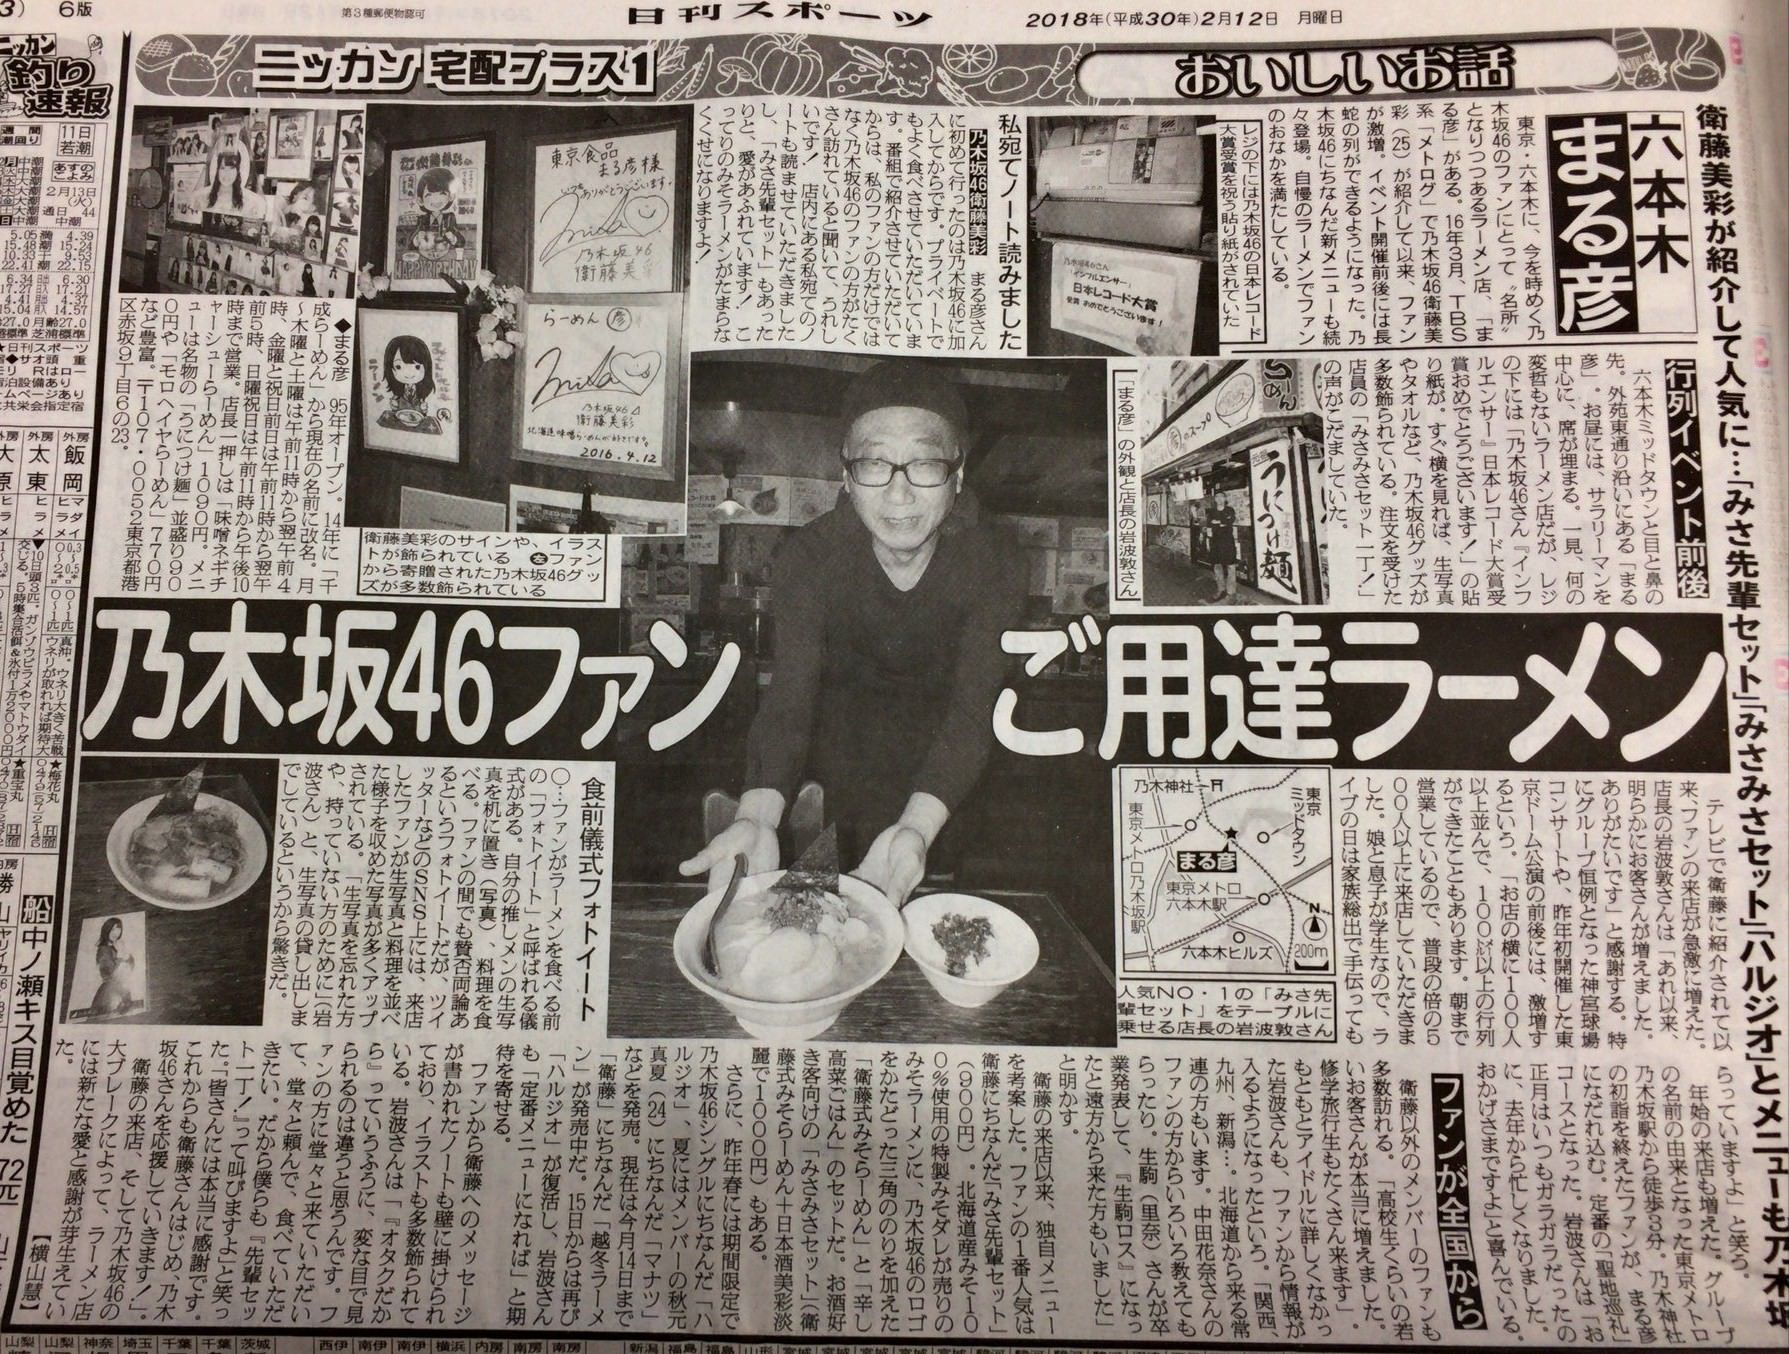 日刊スポーツ まる彦